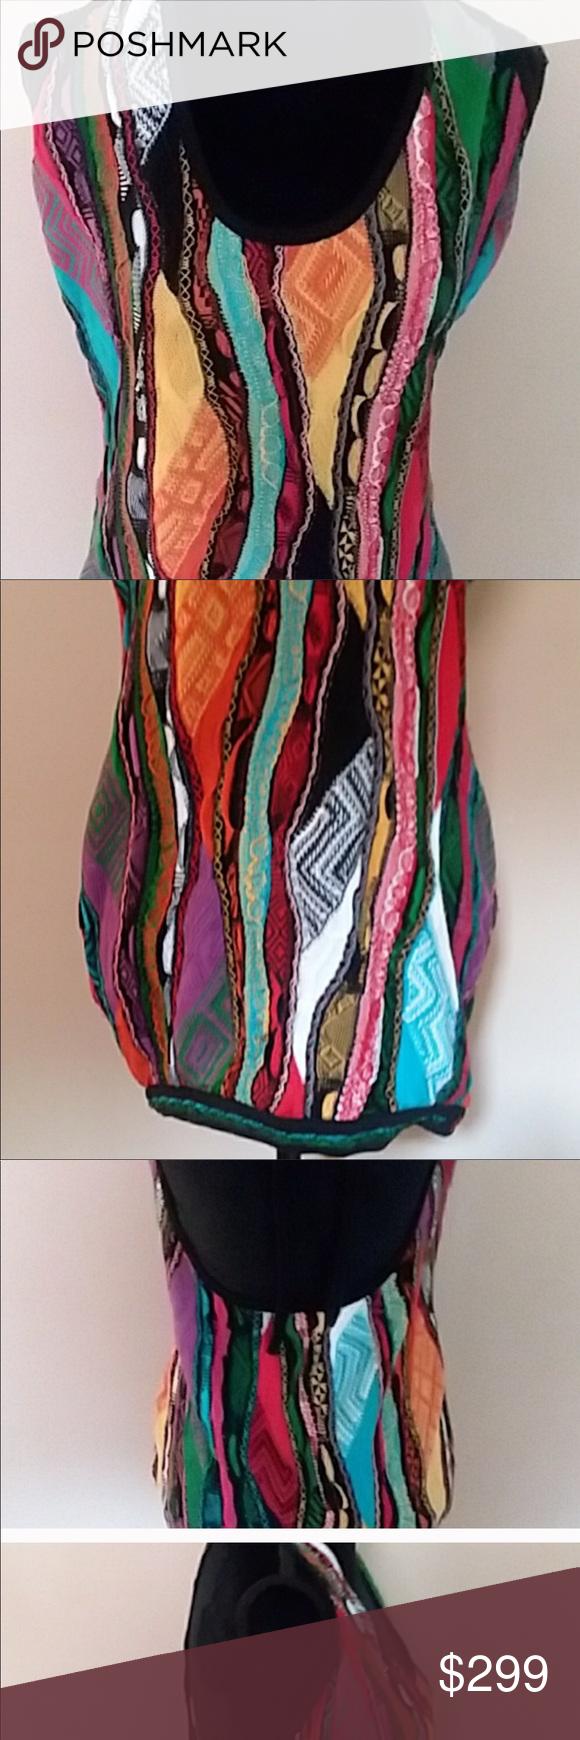 c57ea313c I just added this listing on Poshmark: Coogi halter dress size medium.  #shopmycloset #poshmark #fashion #shopping #style #forsale #COOGI #Dresses  & Skirts